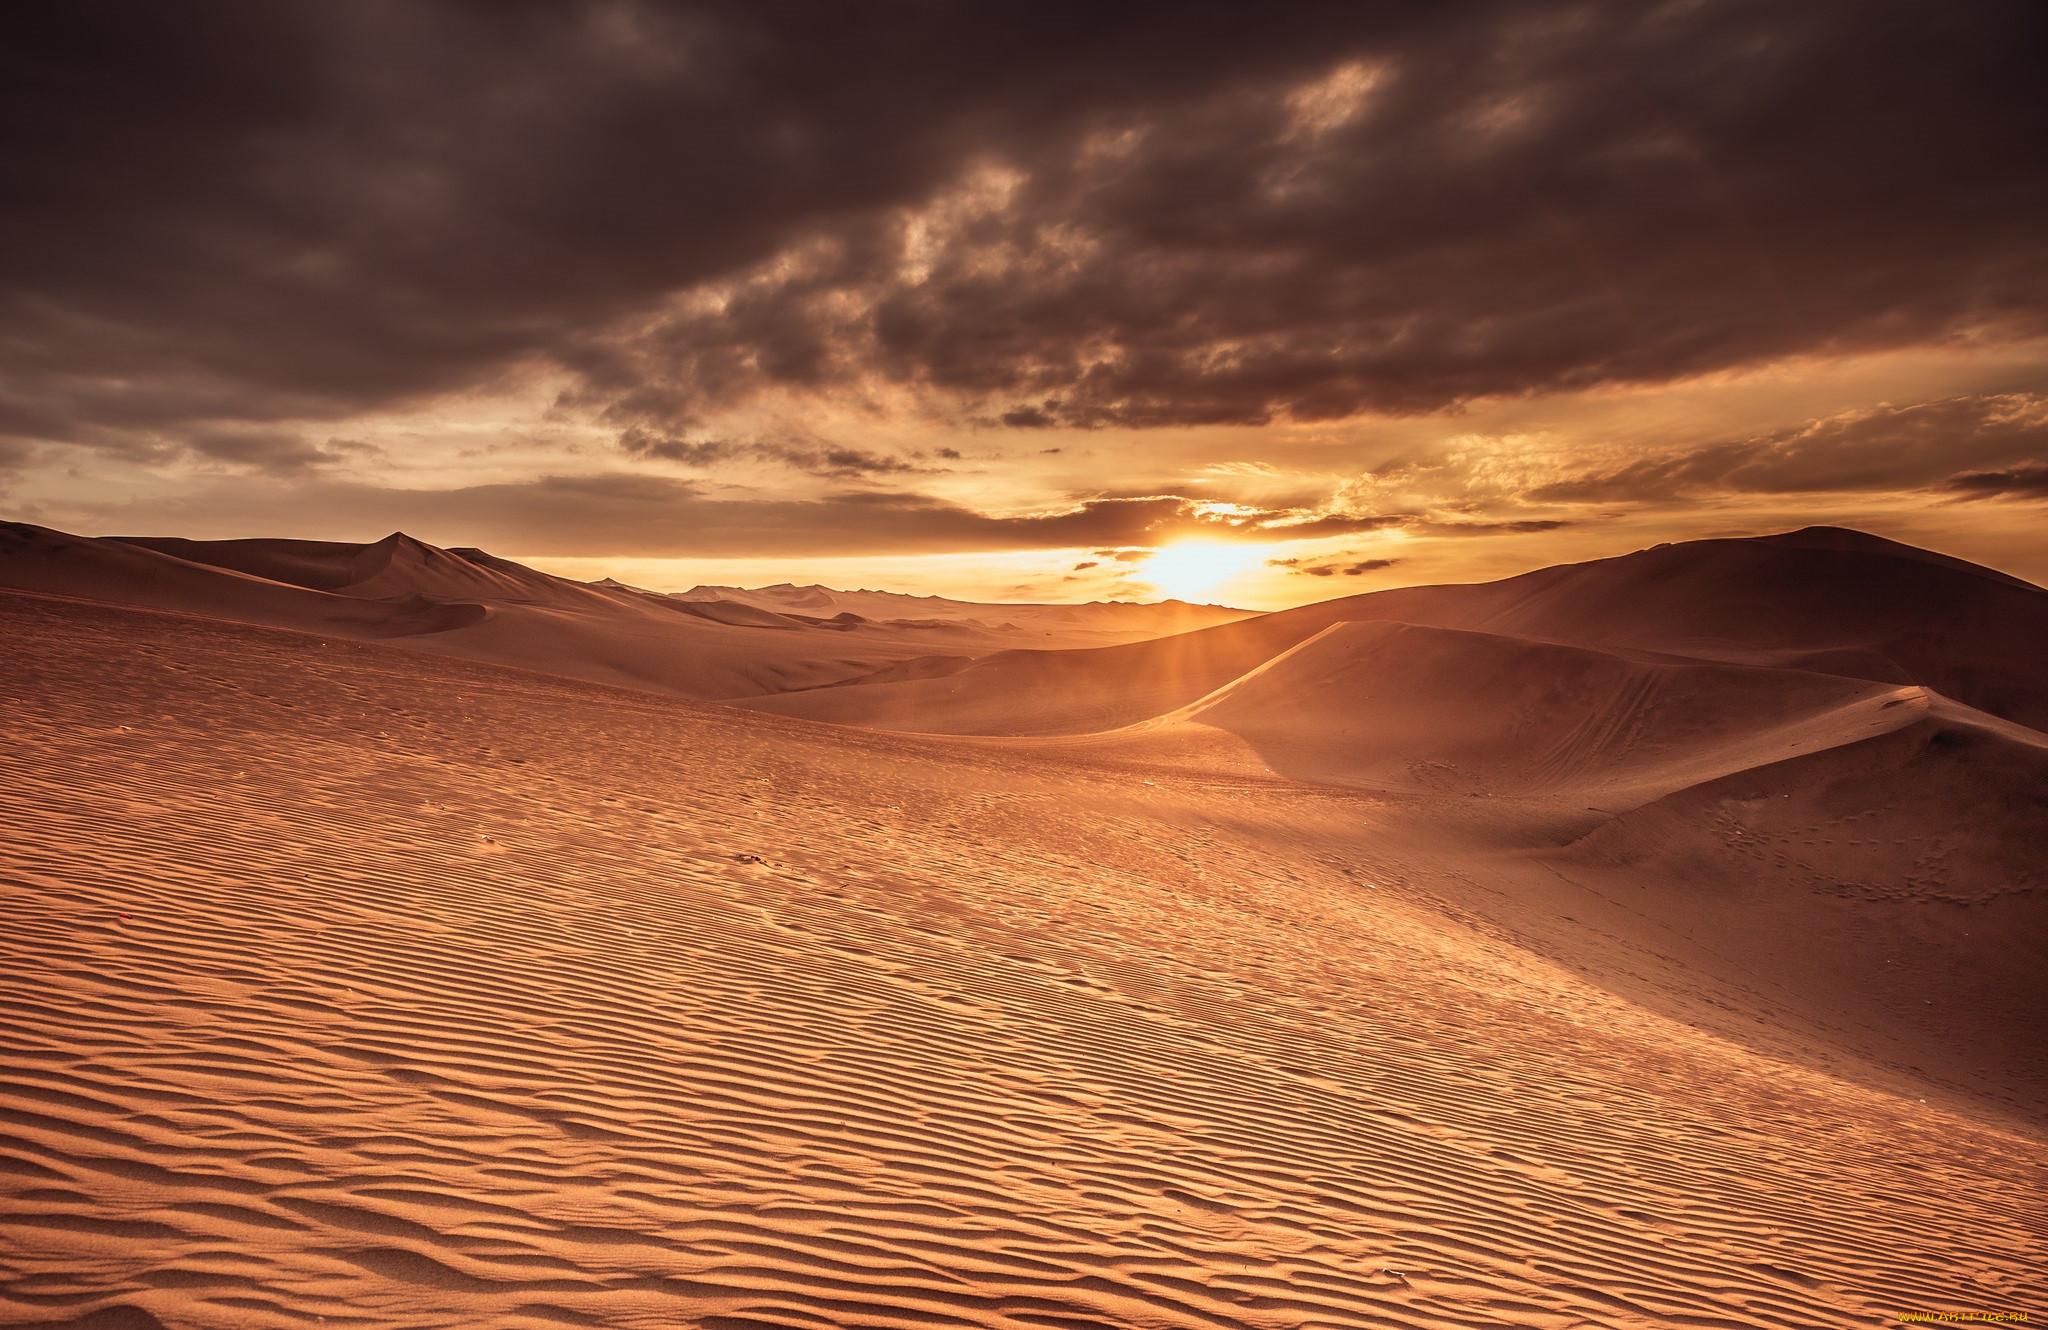 картинки пустыня рассвет очень